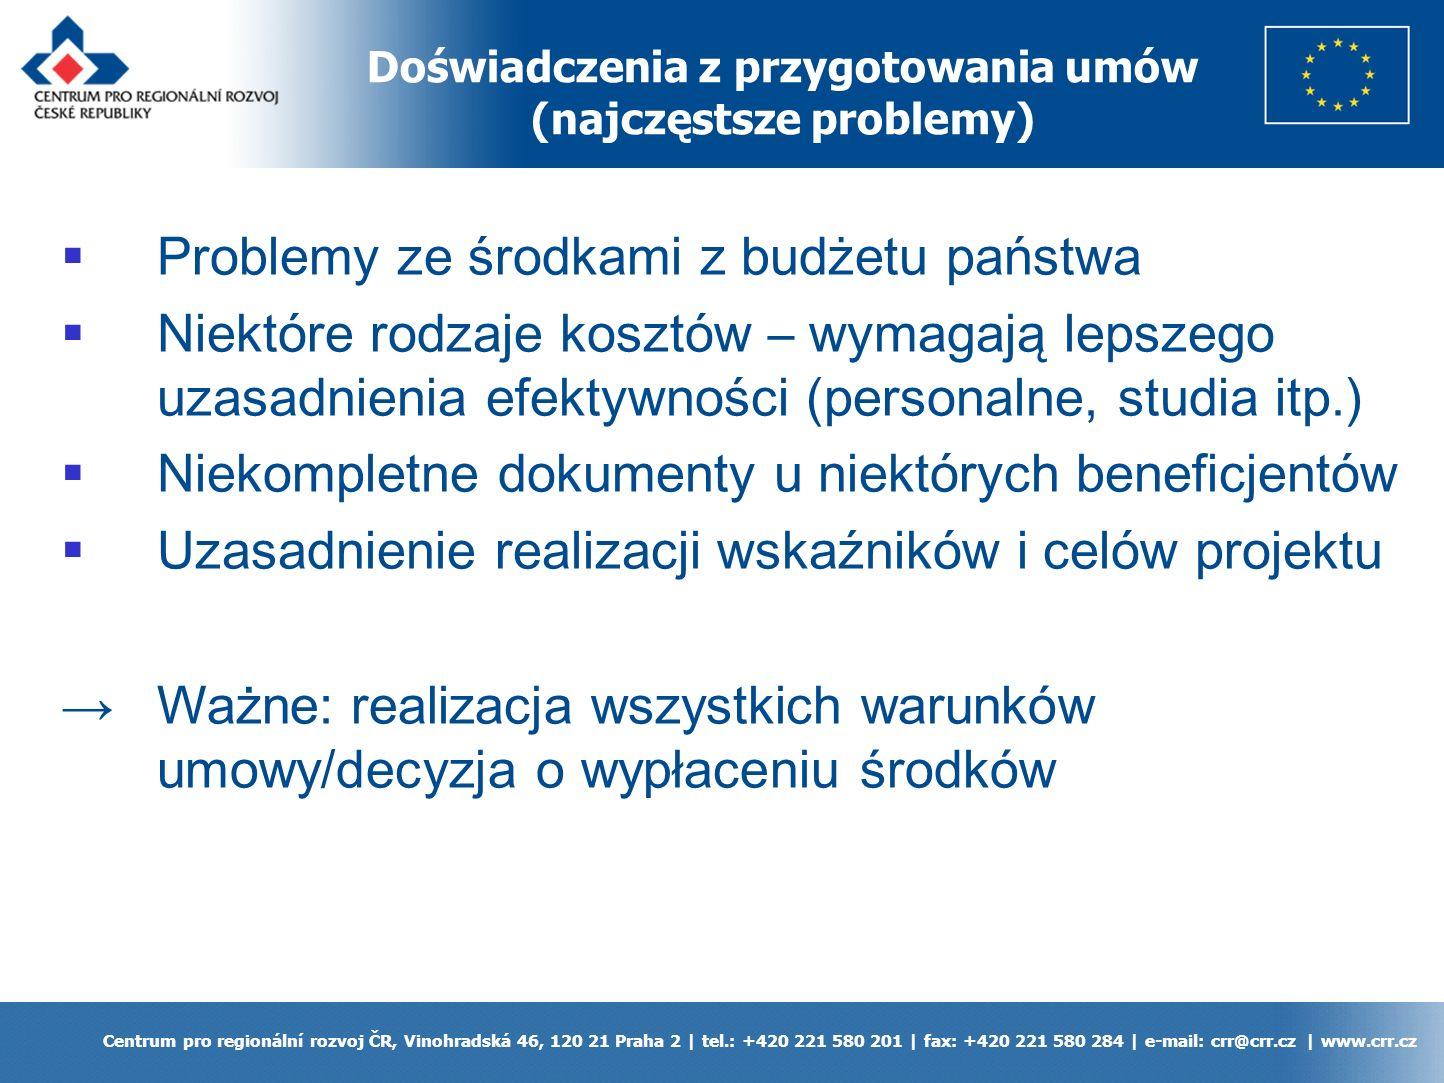 Doświadczenia z przygotowania umów (najczęstsze problemy) Centrum pro regionální rozvoj ČR, Vinohradská 46, 120 21 Praha 2 | tel.: +420 221 580 201 | fax: +420 221 580 284 | e-mail: crr@crr.cz | www.crr.cz Problemy ze środkami z budżetu państwa Niektóre rodzaje kosztów – wymagają lepszego uzasadnienia efektywności (personalne, studia itp.) Niekompletne dokumenty u niektórych beneficjentów Uzasadnienie realizacji wskaźników i celów projektu Ważne: realizacja wszystkich warunków umowy/decyzja o wypłaceniu środków